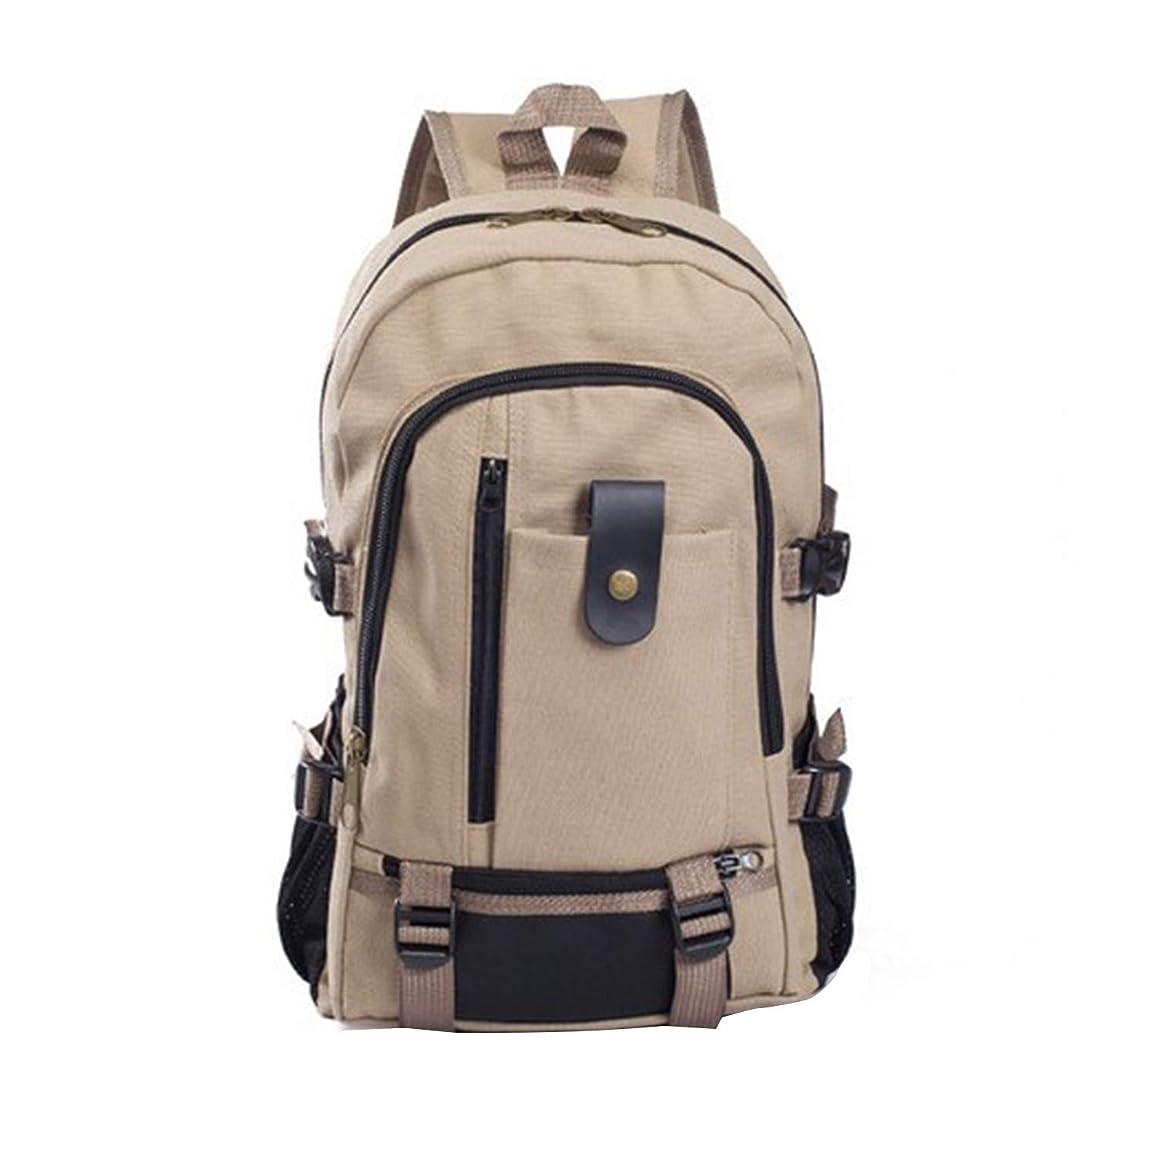 リーン一見タイマーNOTAG リュックサック 帆布 大容量PCバッグ リュック キャンバスバッグ ノートパソコン 収納可能 デイパック 衝撃吸収 男女兼用 多機能バックパック 通勤 通学 出張 旅行 アウトドア